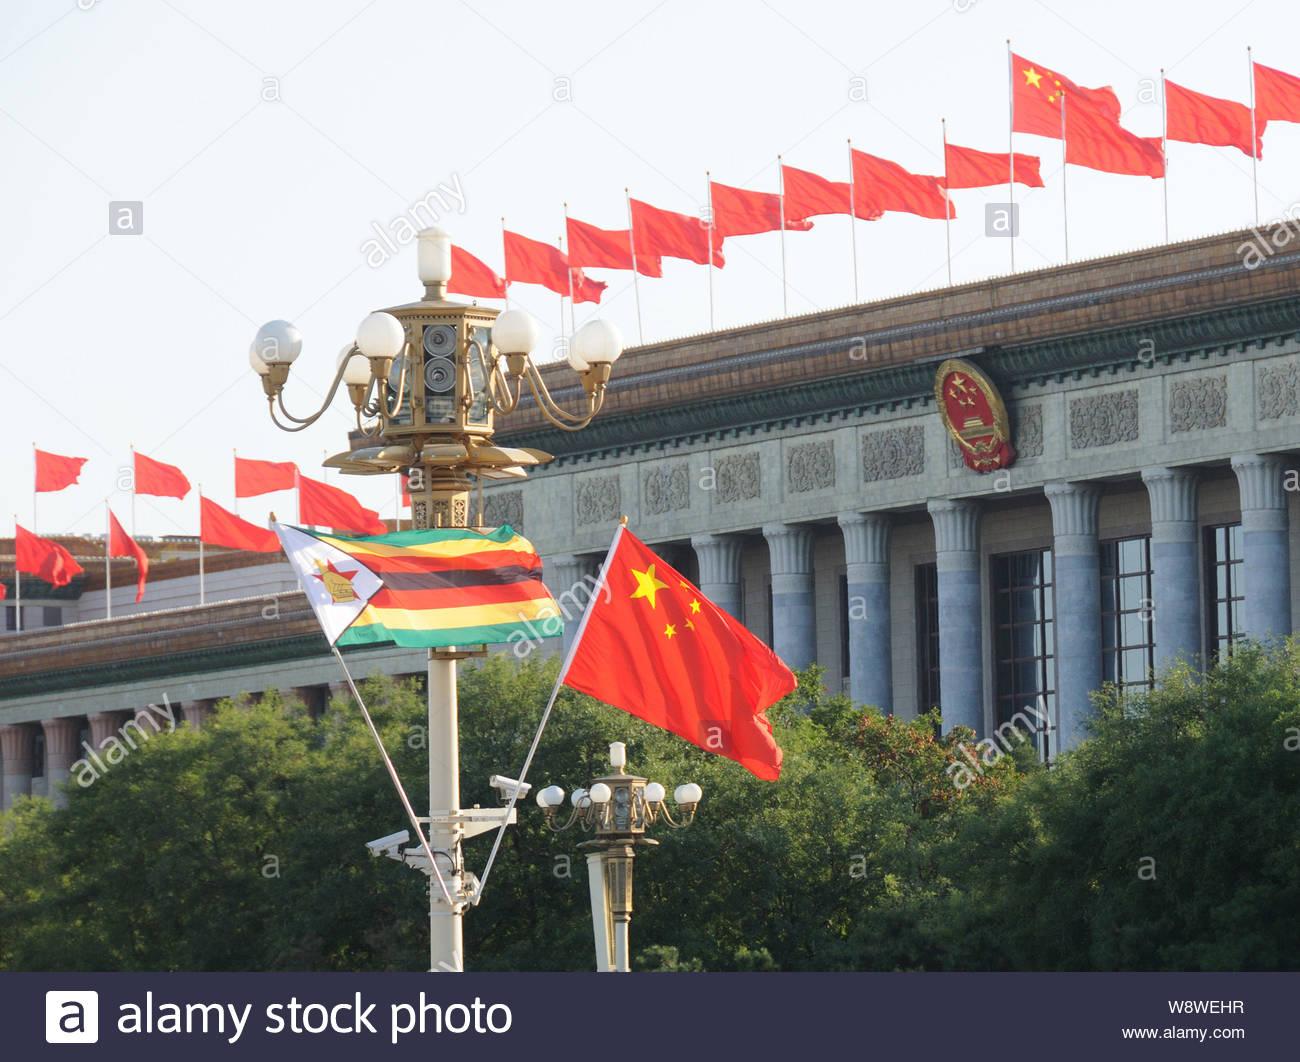 Visit Zimbabwe Stock Photos & Visit Zimbabwe Stock Images